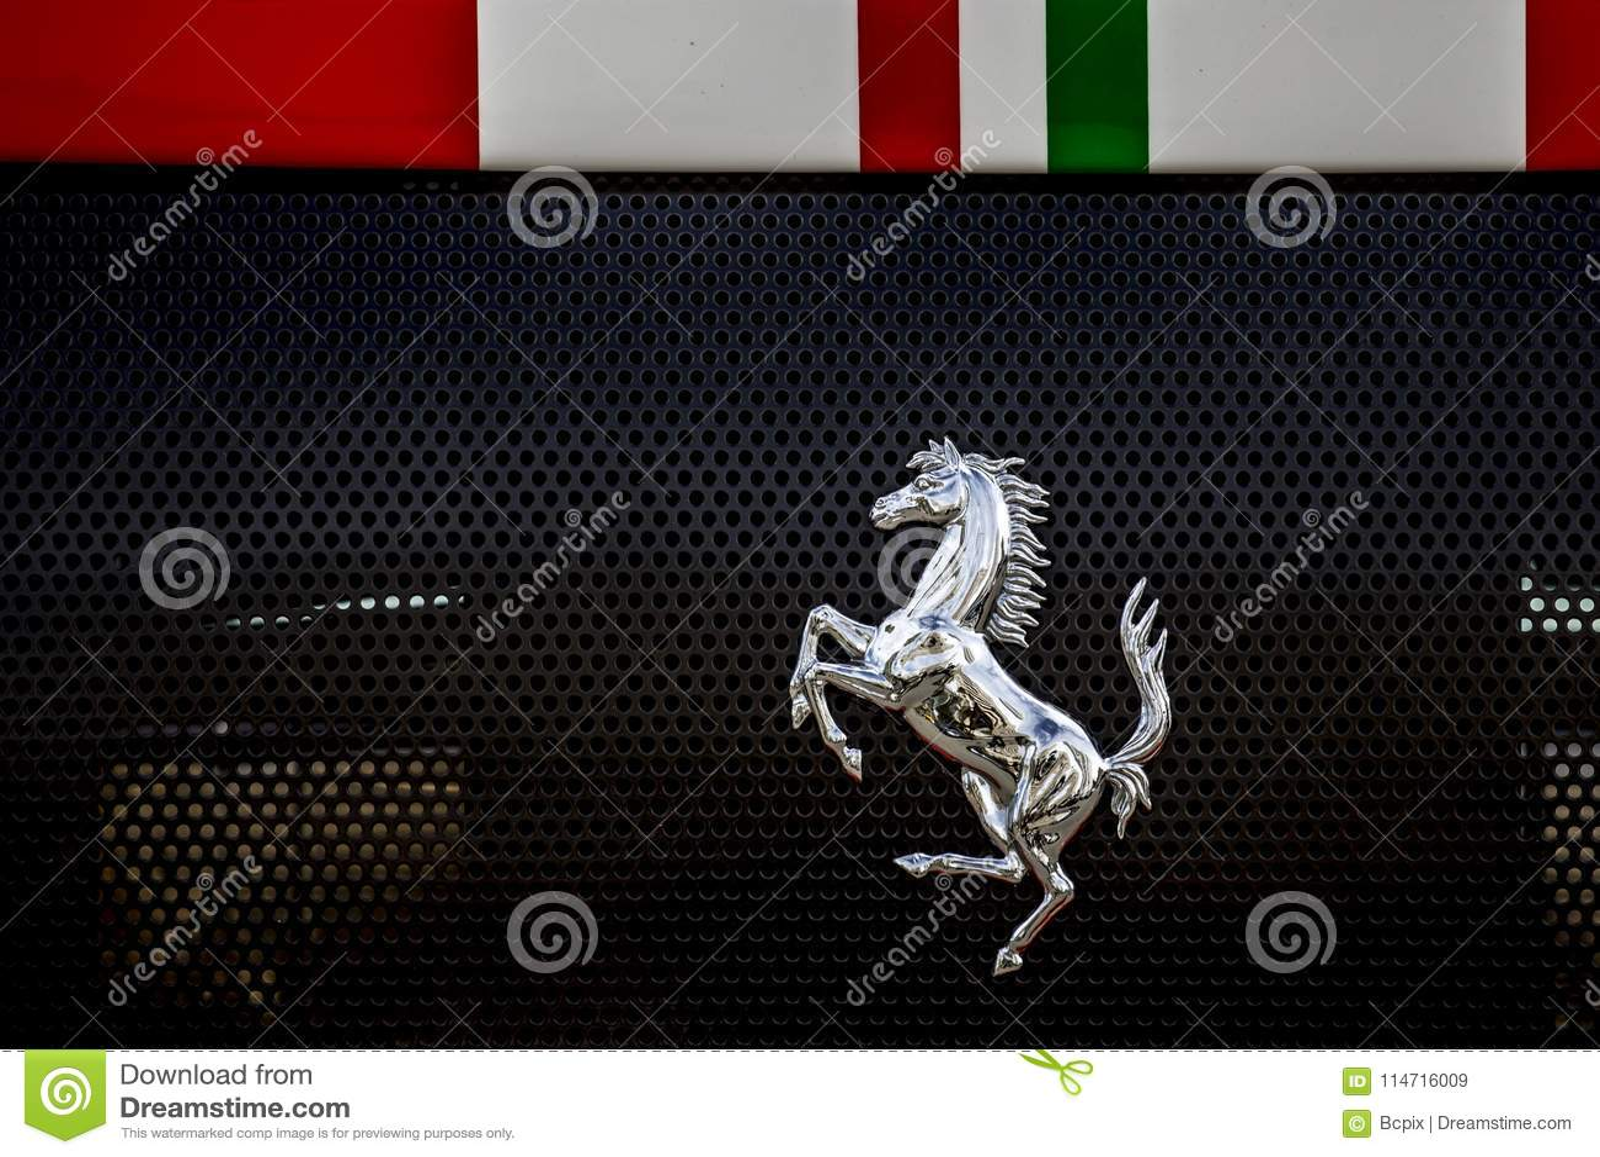 prancing horse ferrari emblem